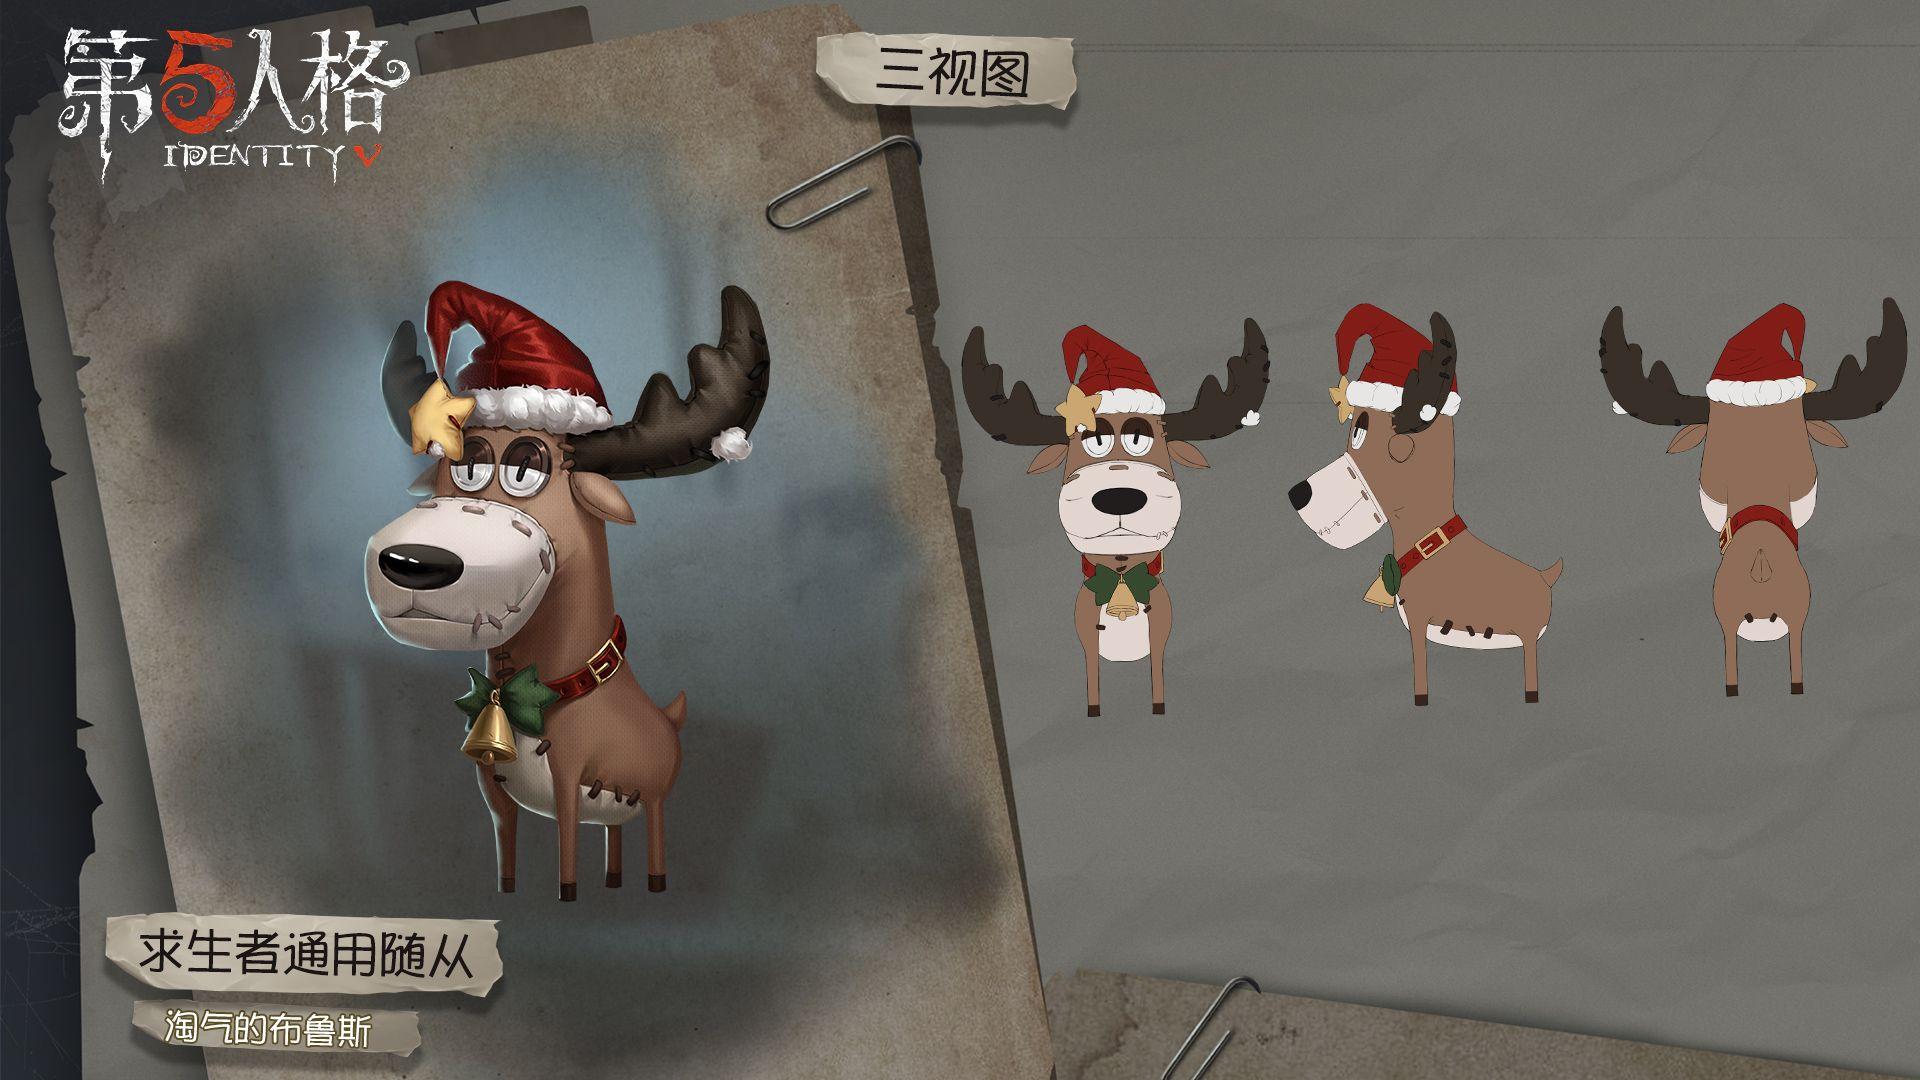 新年的钟声 《第五人格》圣诞节活动即将开启